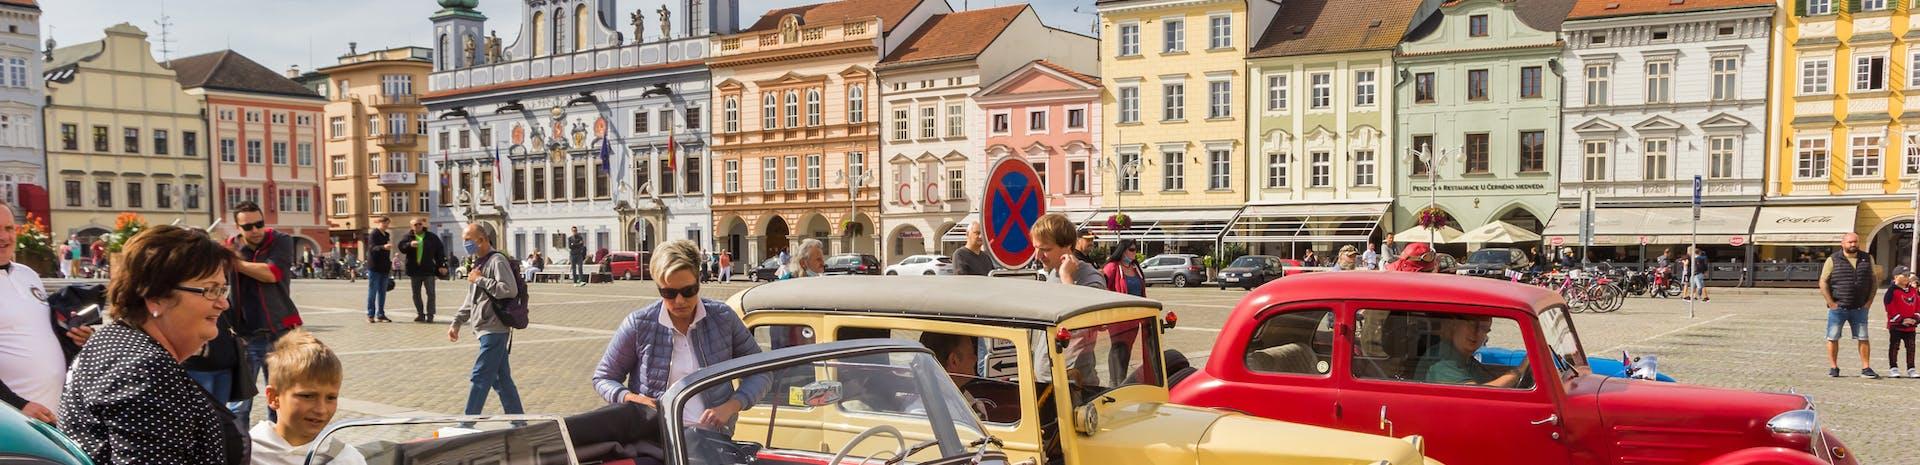 Picture of Ceske Budejovice